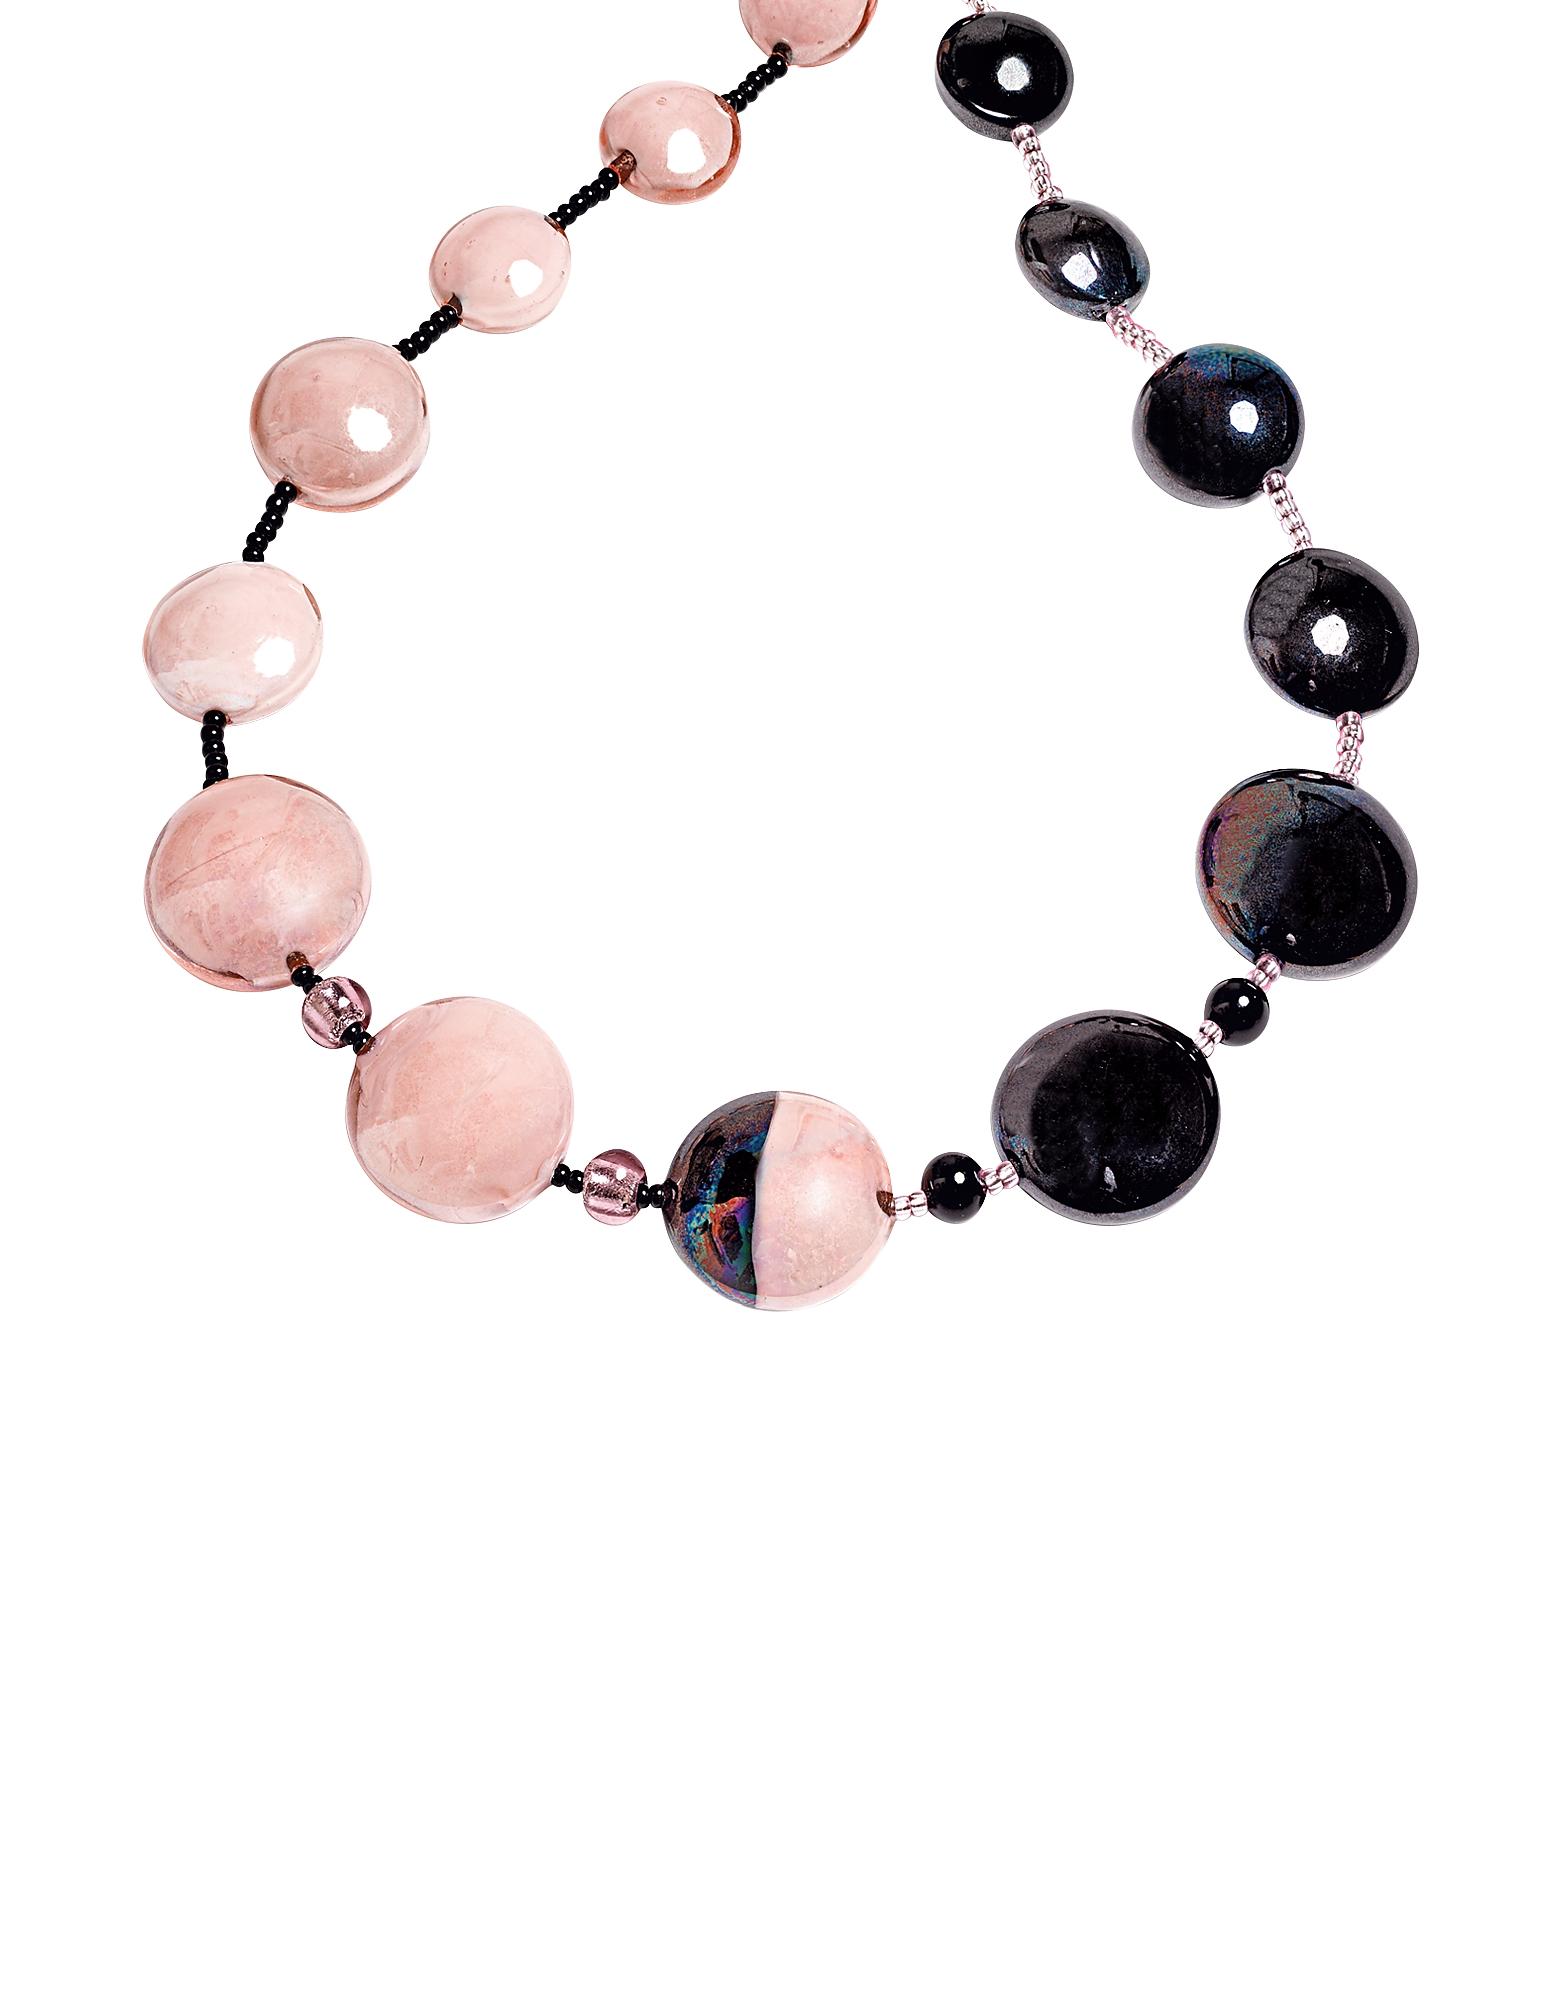 Audrey 2 - Длинное Ожерелье с Цветными Блоками из Стекла Мурано